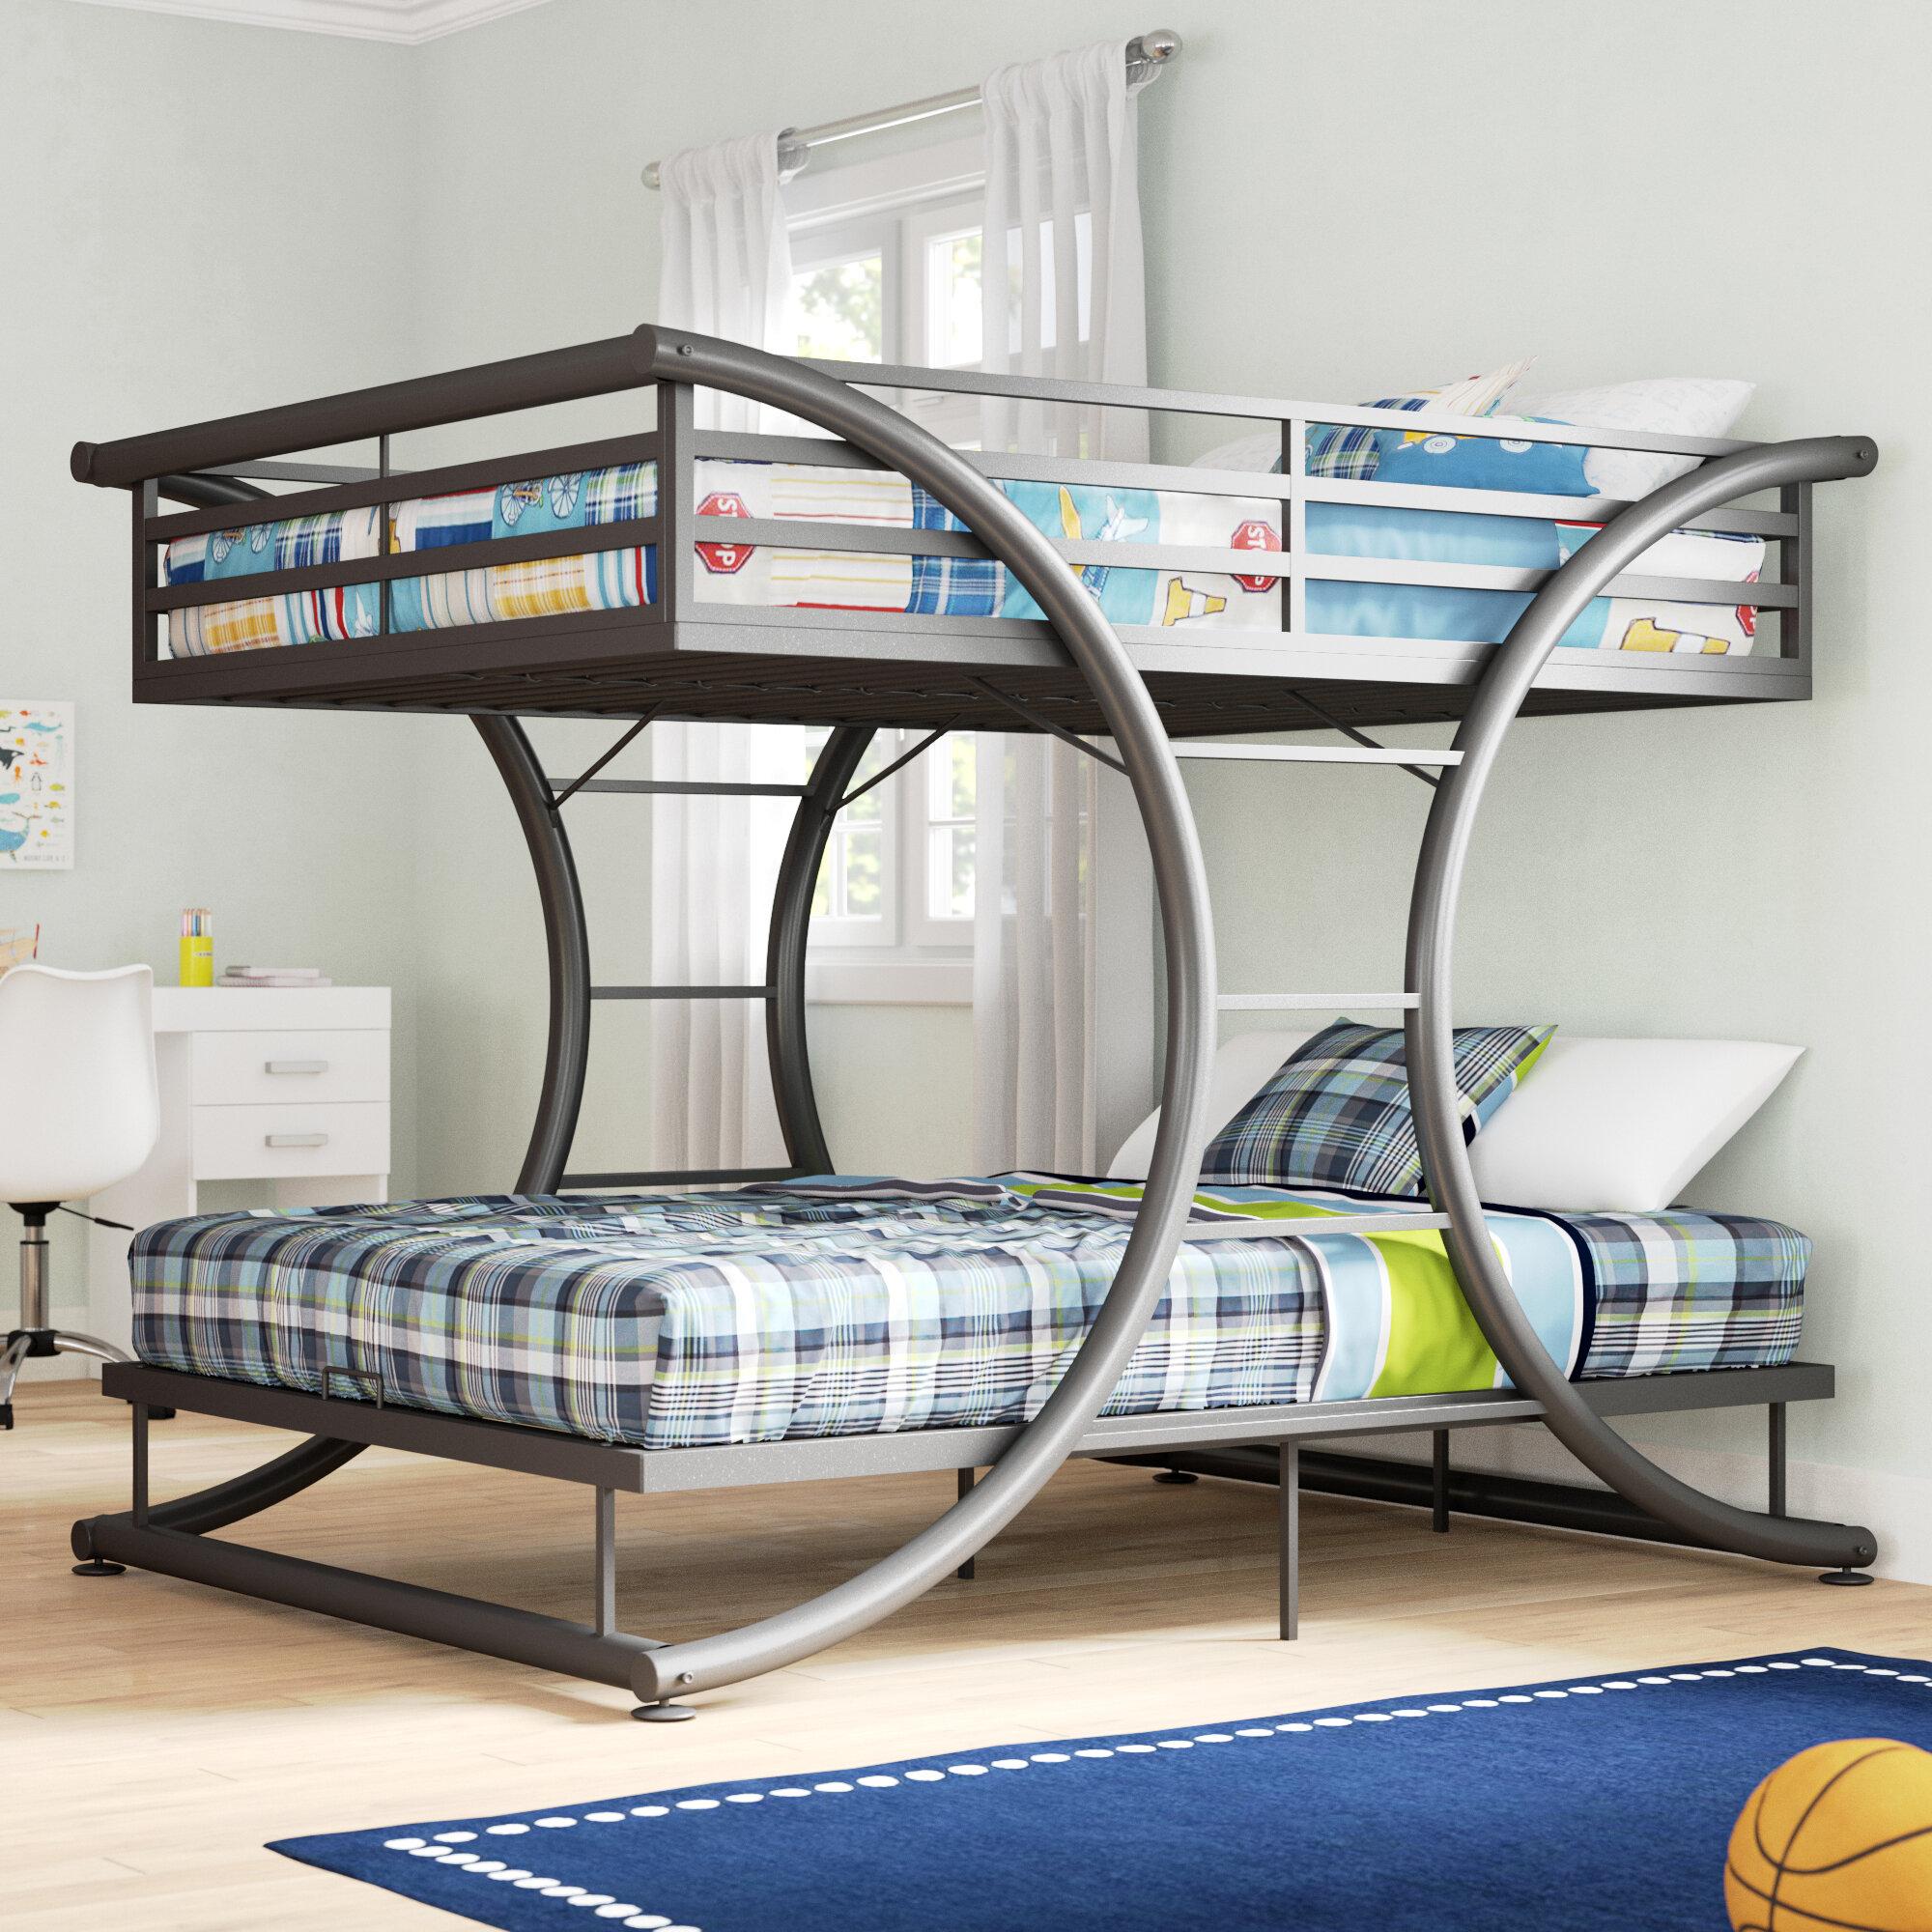 Viv + Rae Valerie Full Over Full Bunk Bed U0026 Reviews | Wayfair